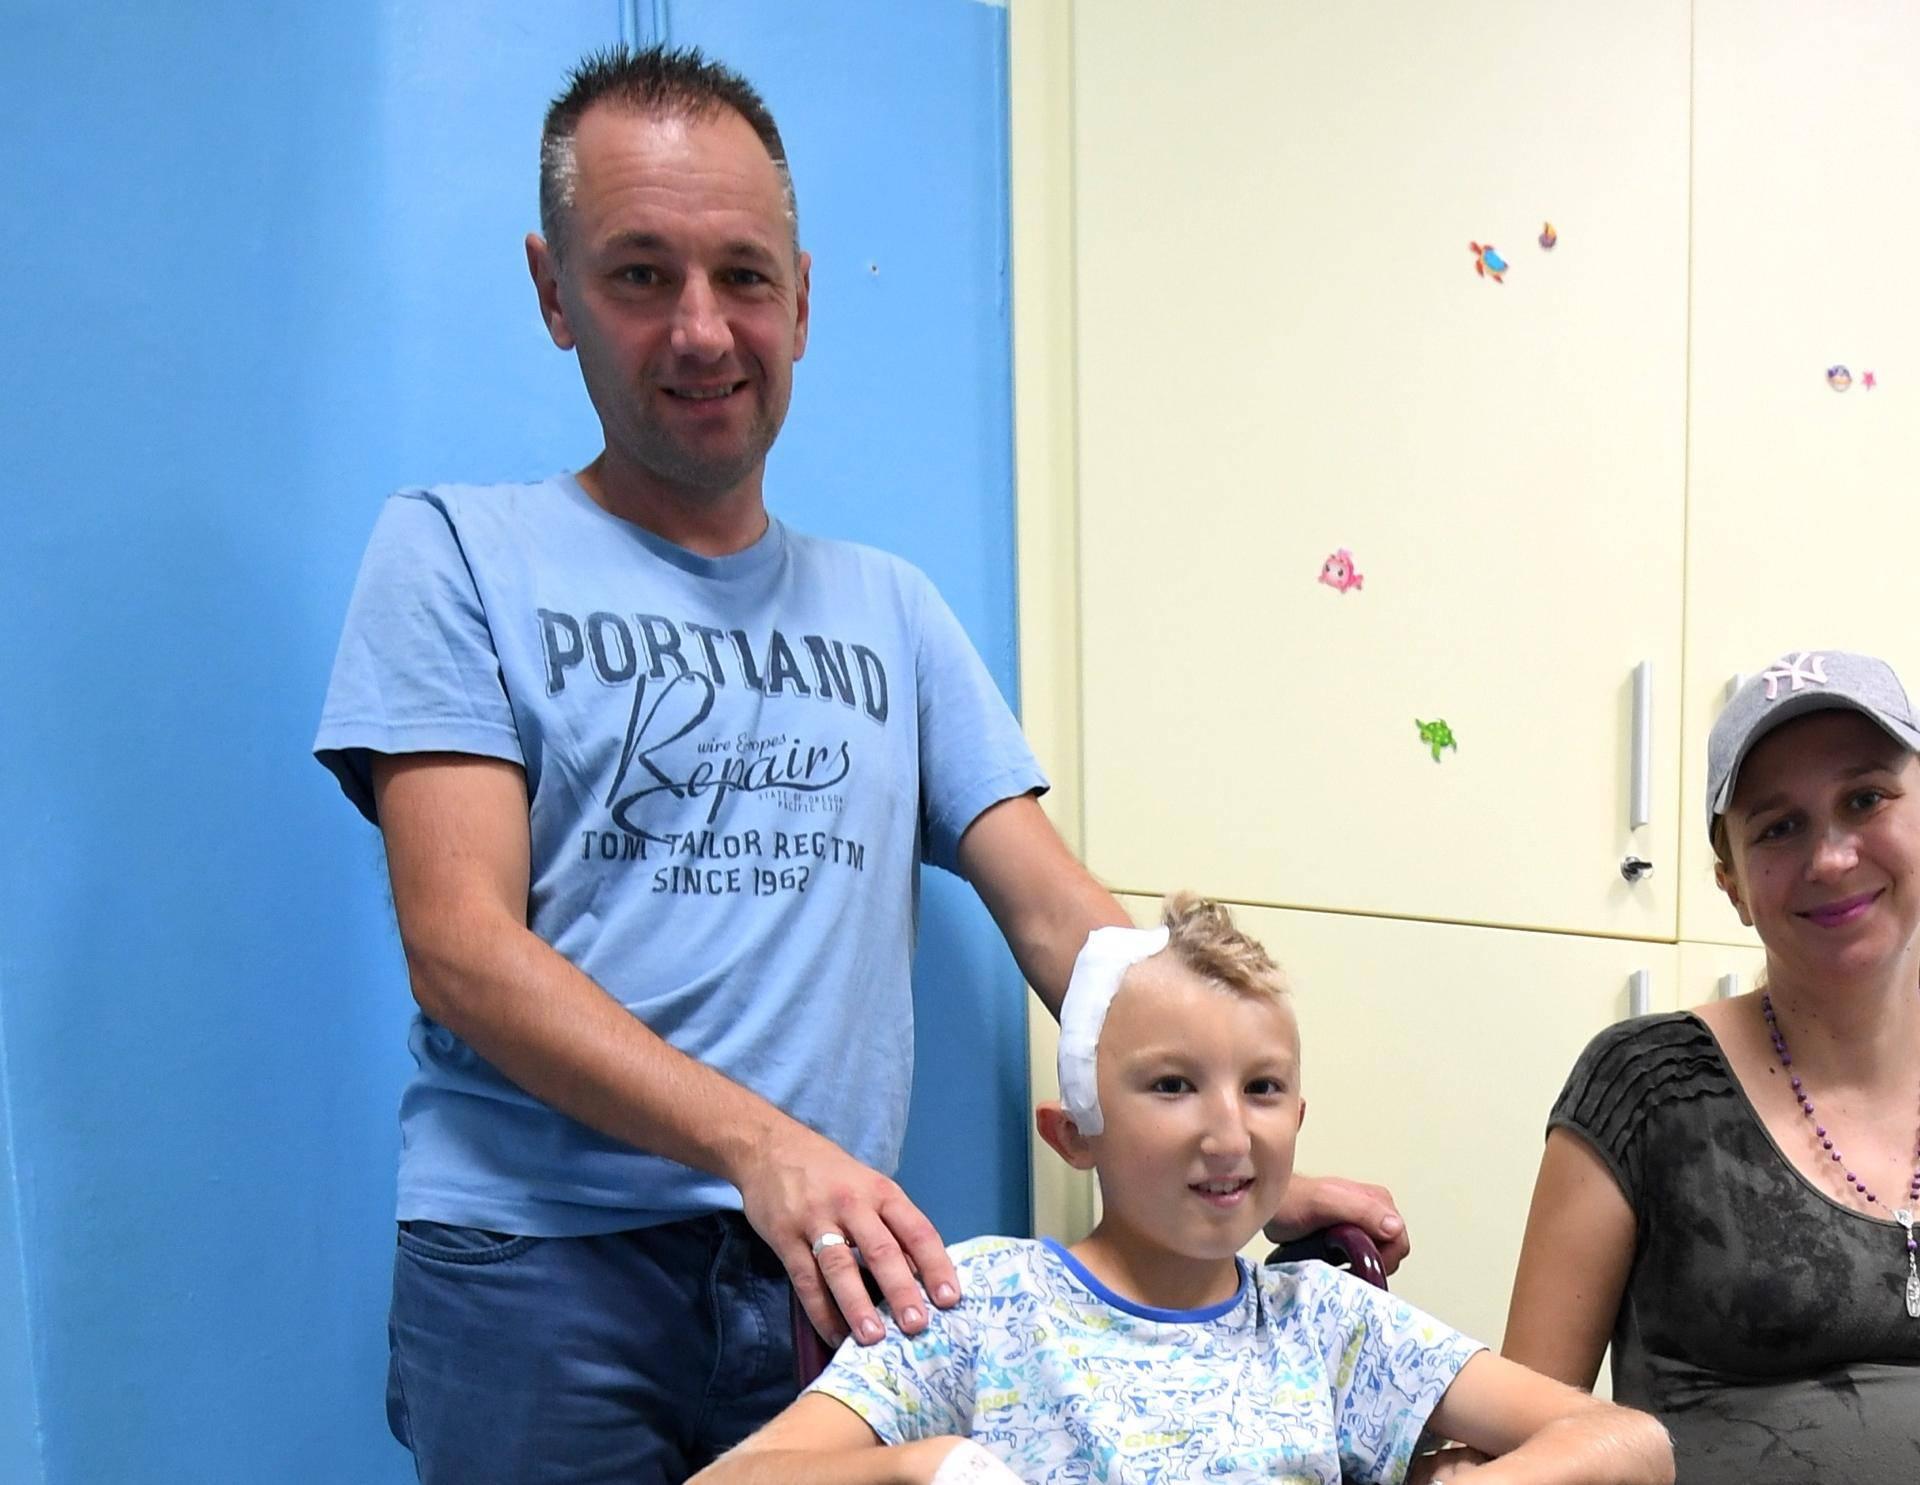 Hitna operacija lubanje:  Frana (11) su minute dijelile od smrti